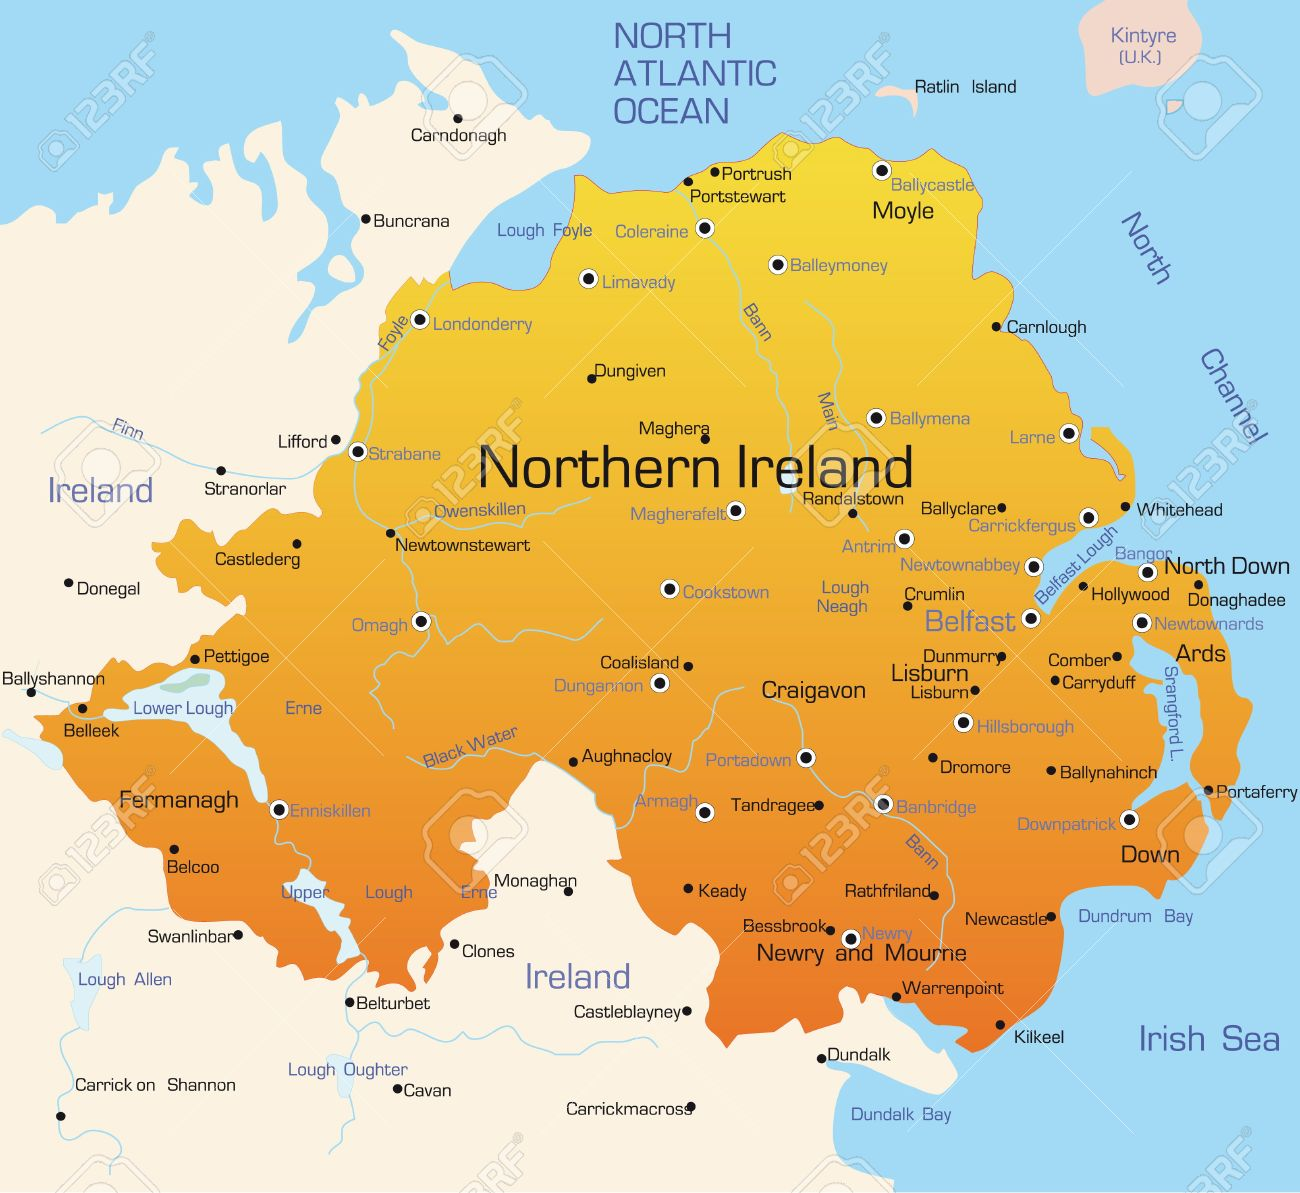 irlande du nord carte Résumé Vecteur Couleur De La Carte D'Irlande Du Nord Pays Clip Art